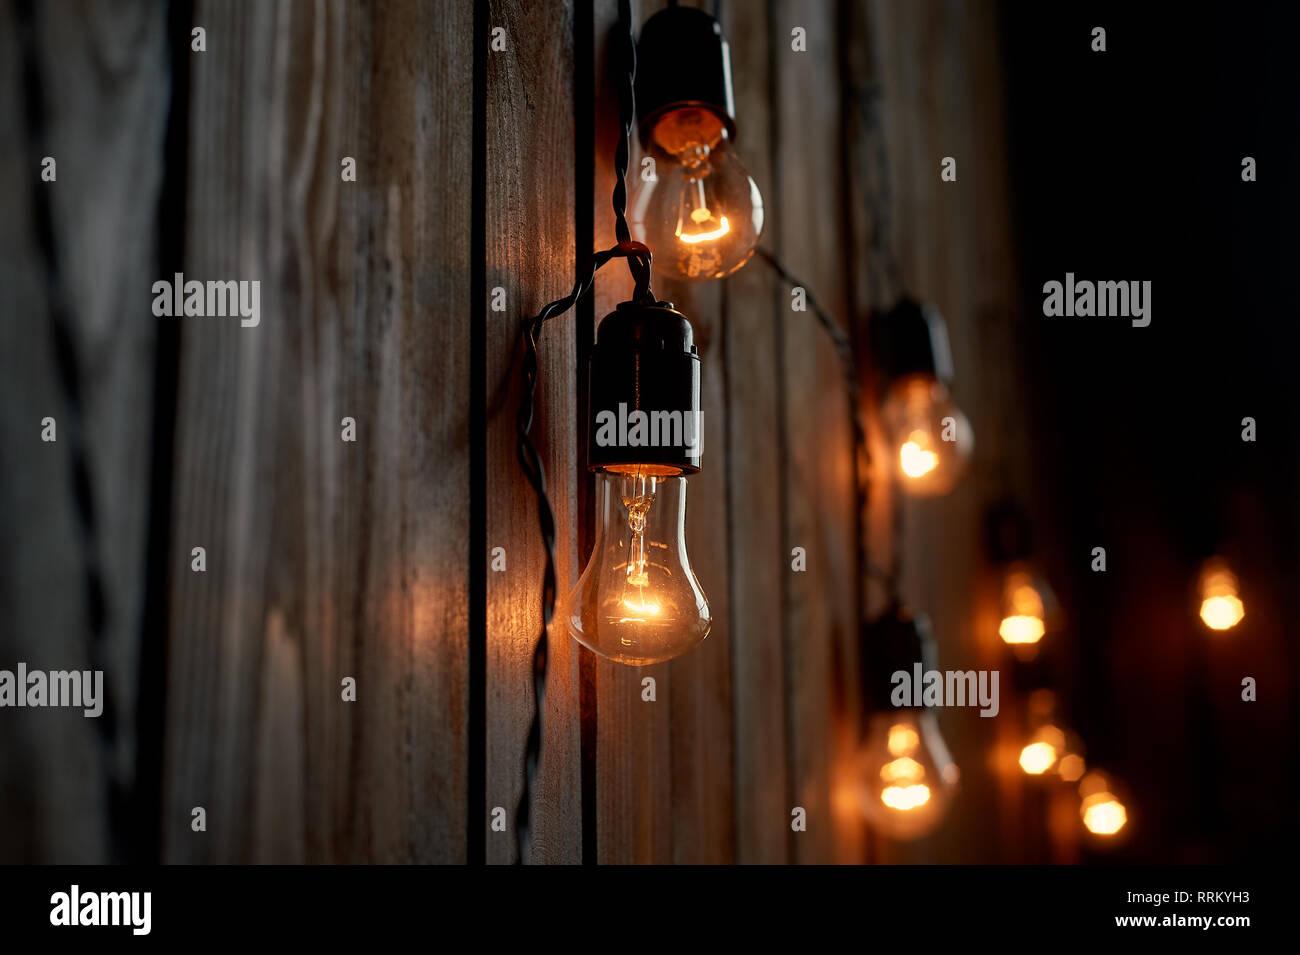 Edison Glühlampe hängt an einem langen Draht. Gemütliche warme gelbe Licht. Retro Stockbild